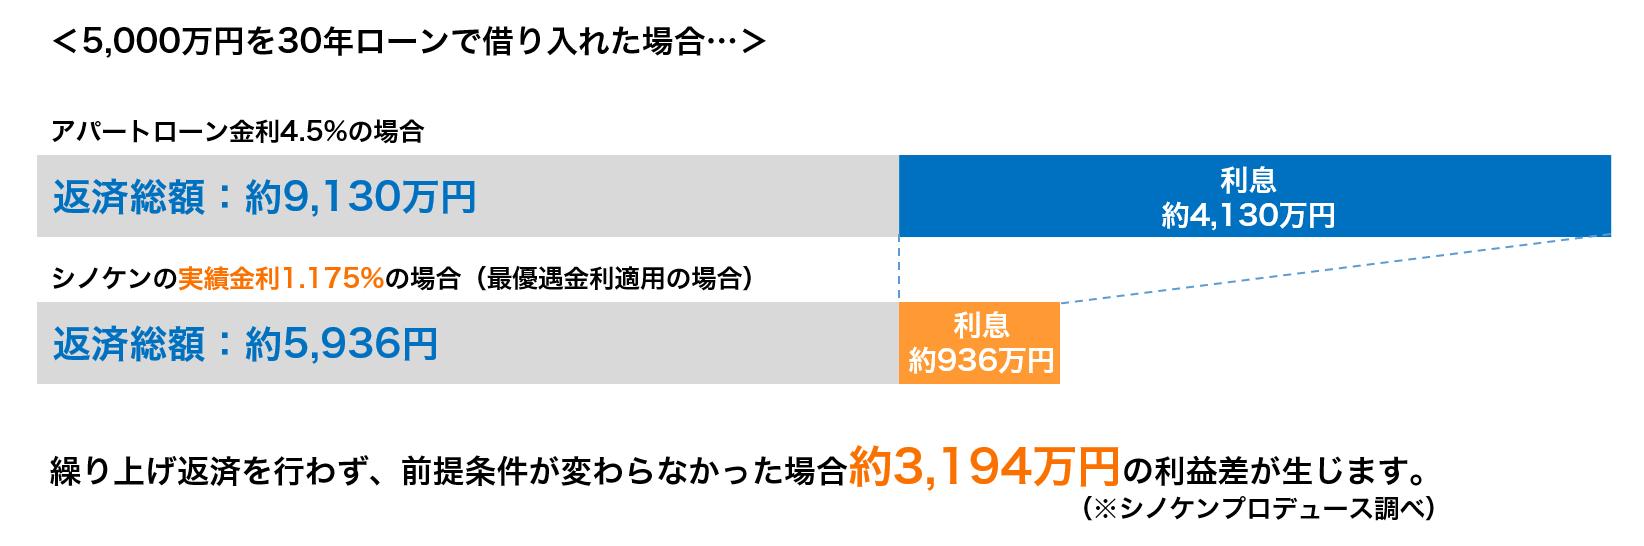 シノケンの融資実績金利での利息の計算